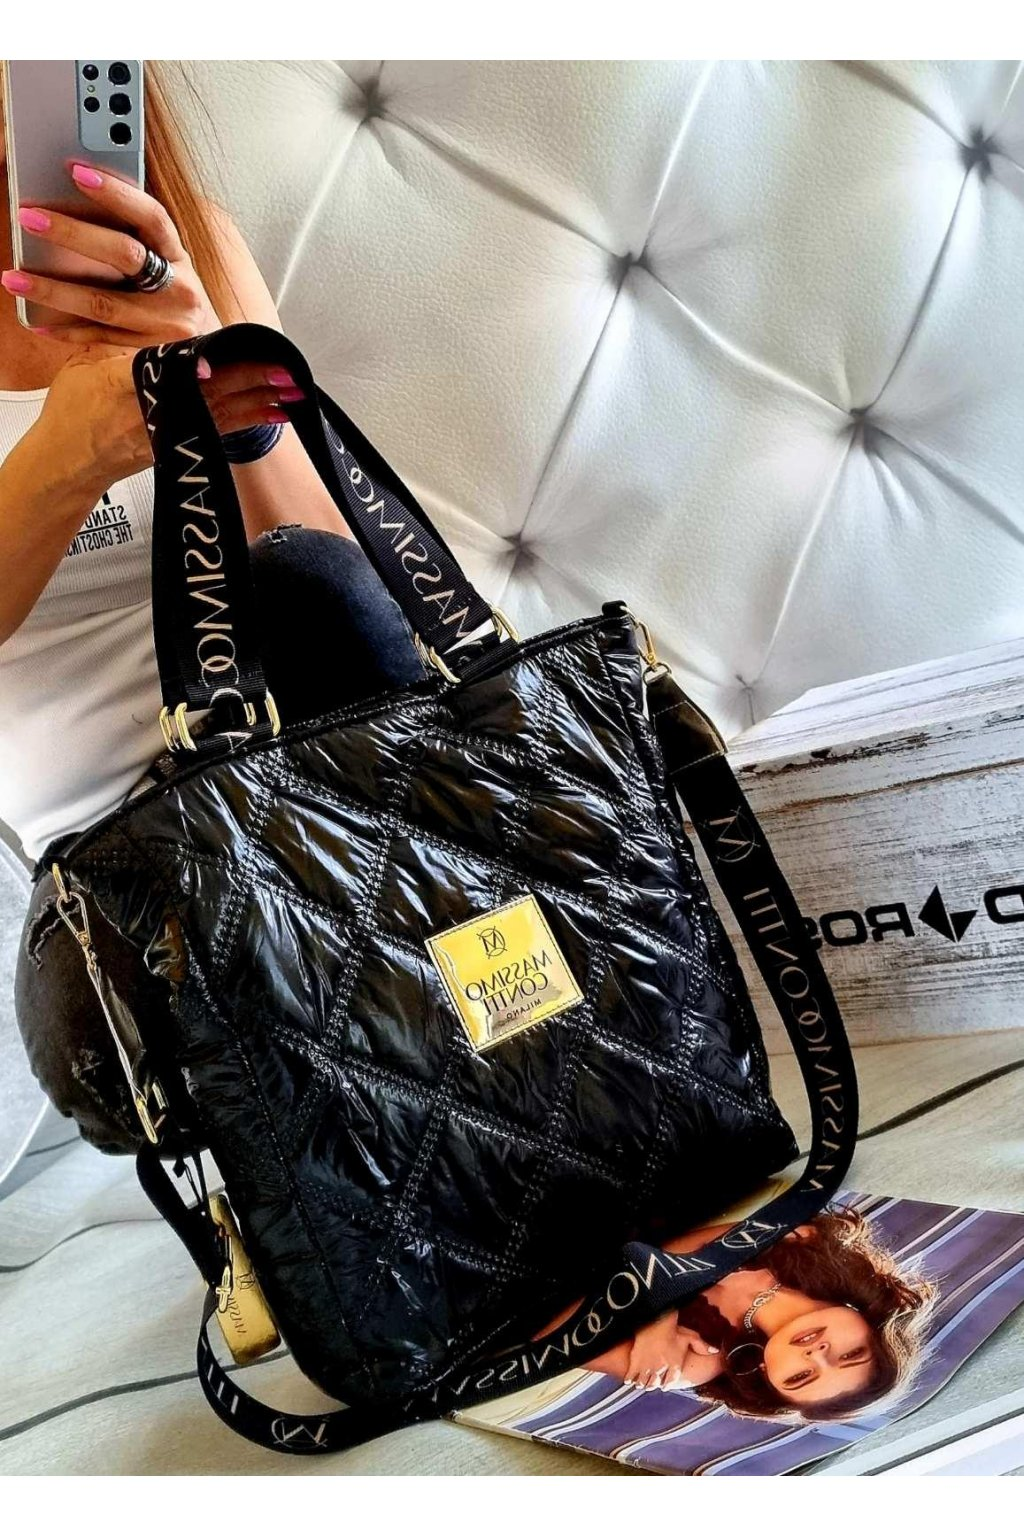 kabelka Massimo Contti black černá odlehčená luxusní kabelka